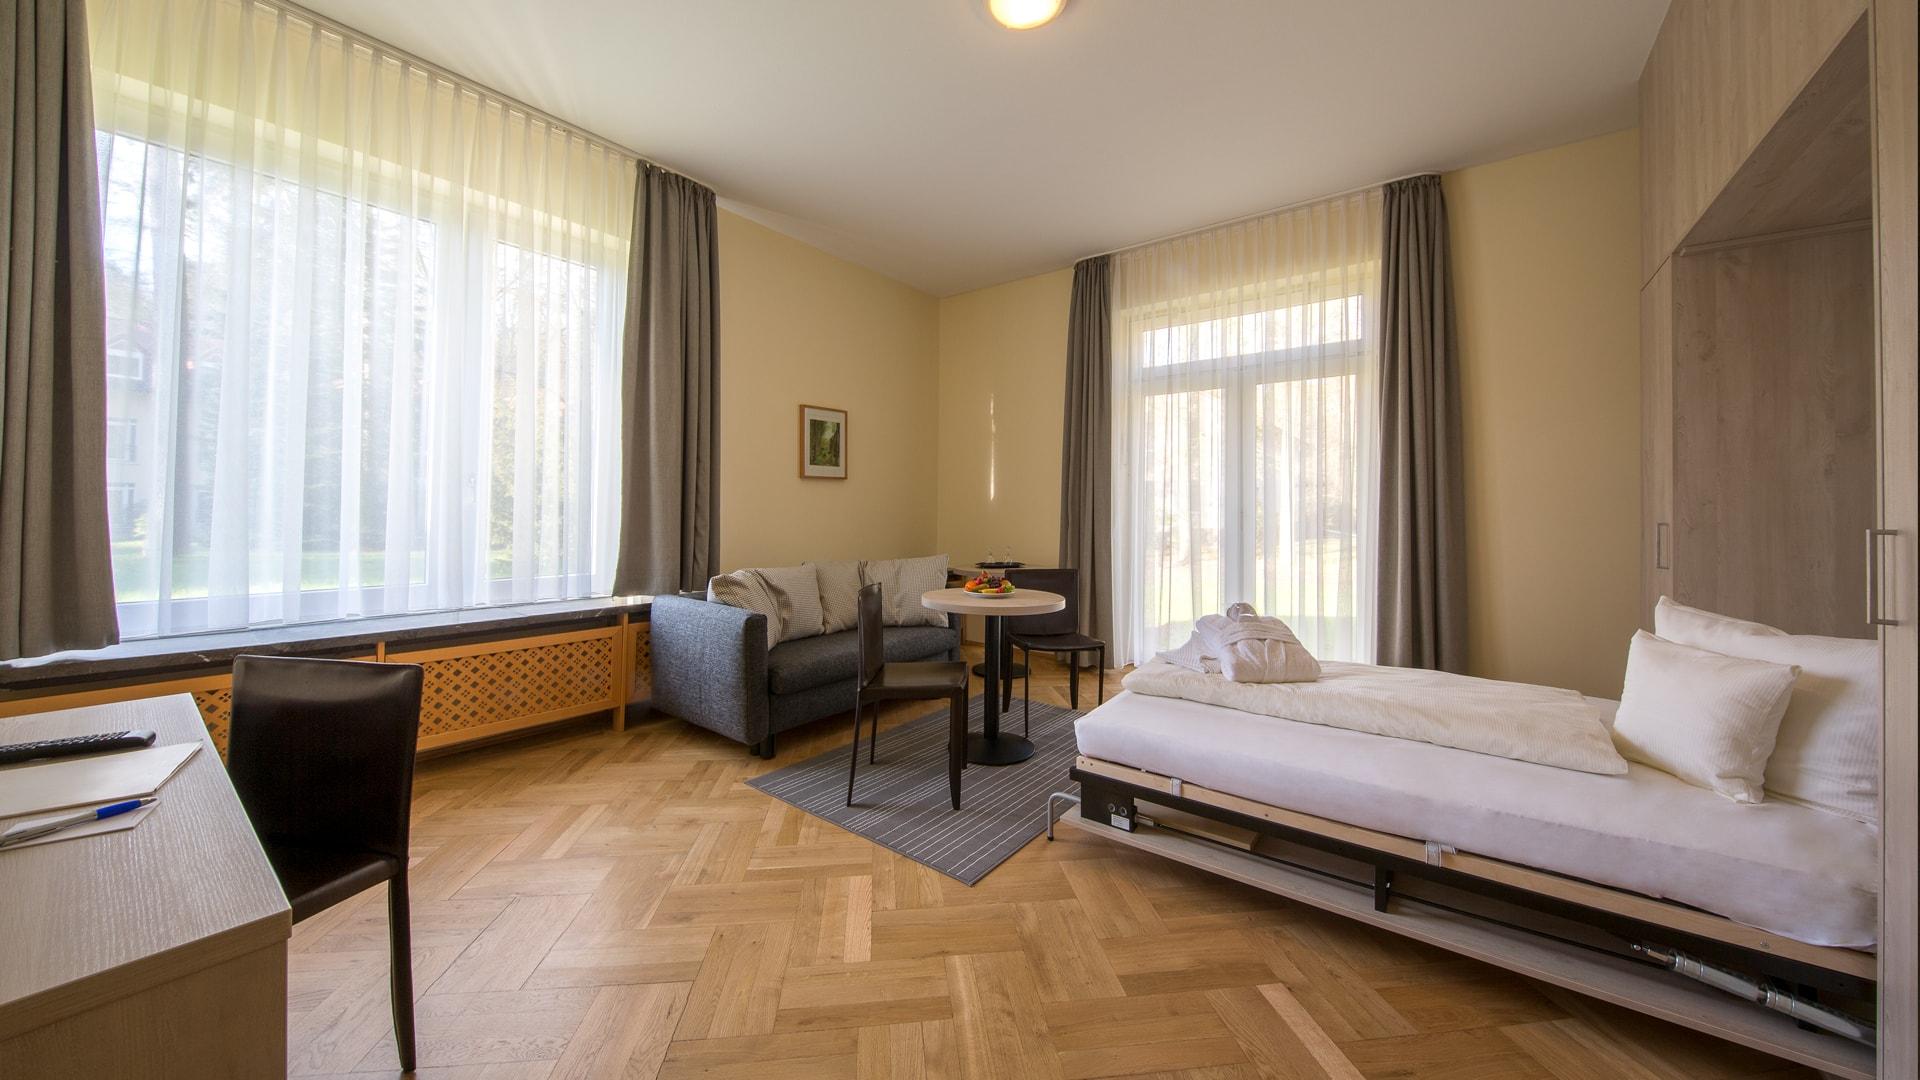 29 Michels_Hotels_Waldresidenz_Bernau_Ferienwohnung_B403_Wohnzimmer_mit_Schrankbett